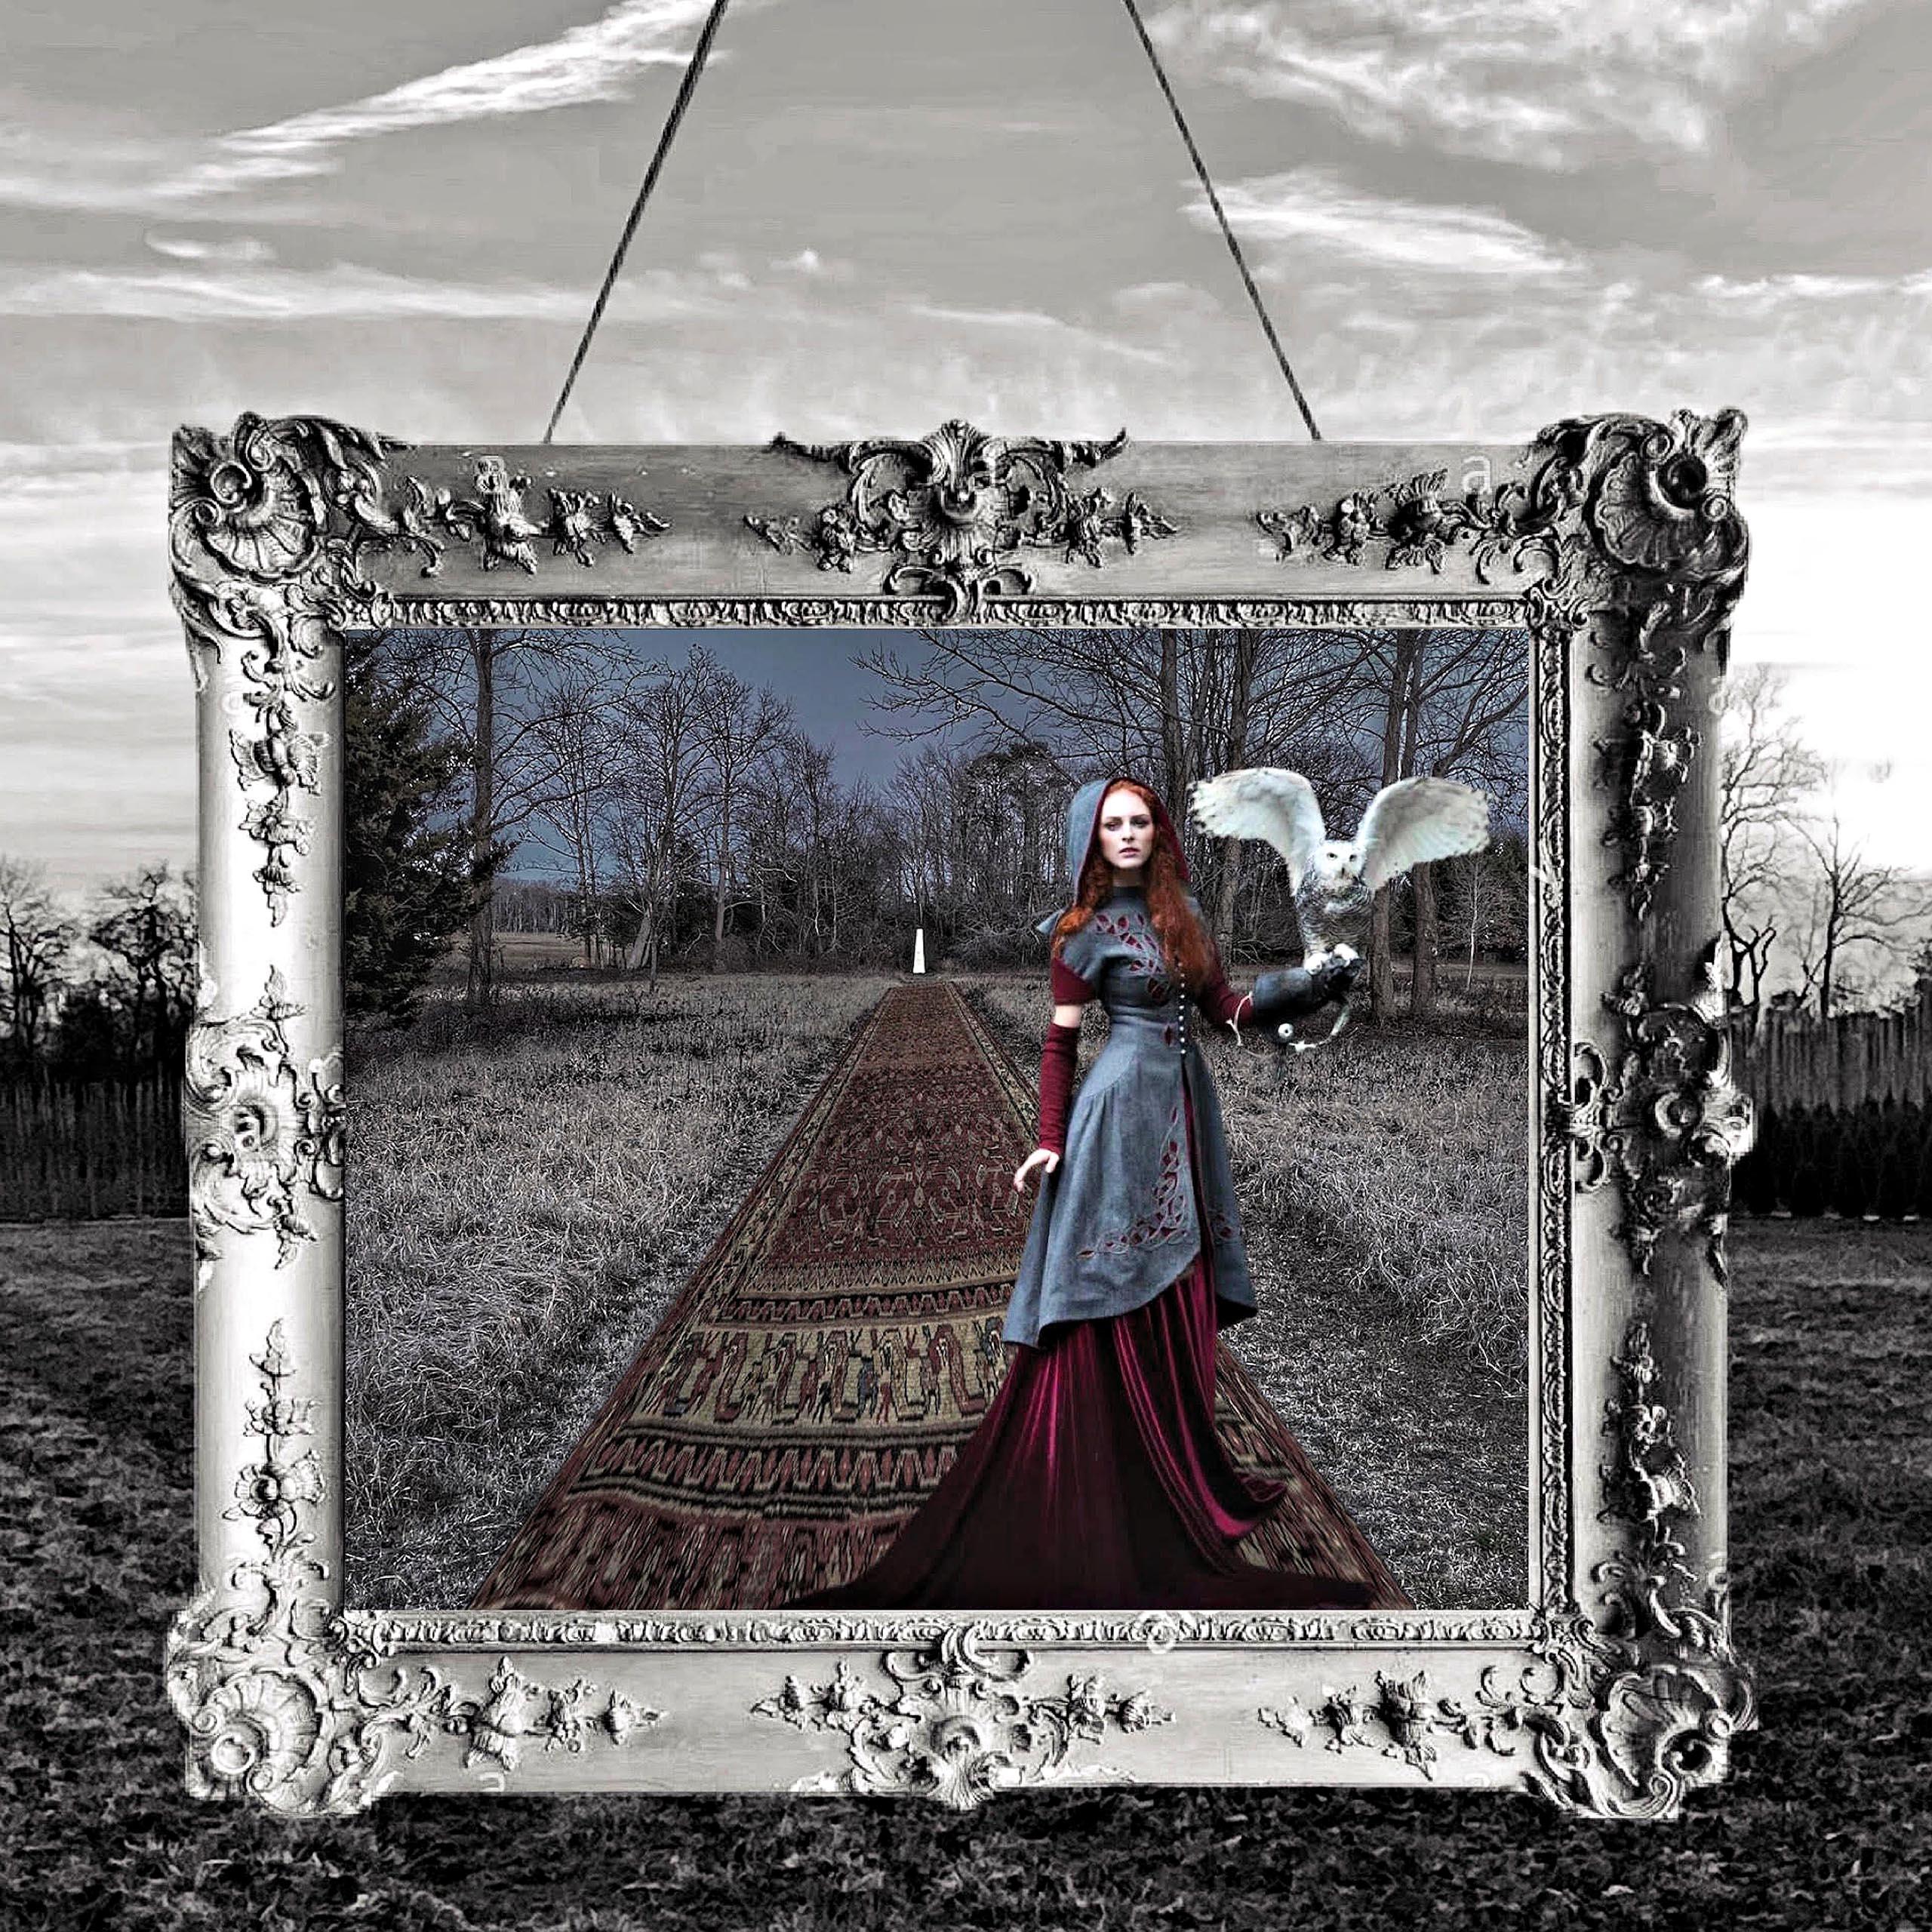 Mirror Image by Deborah Mix